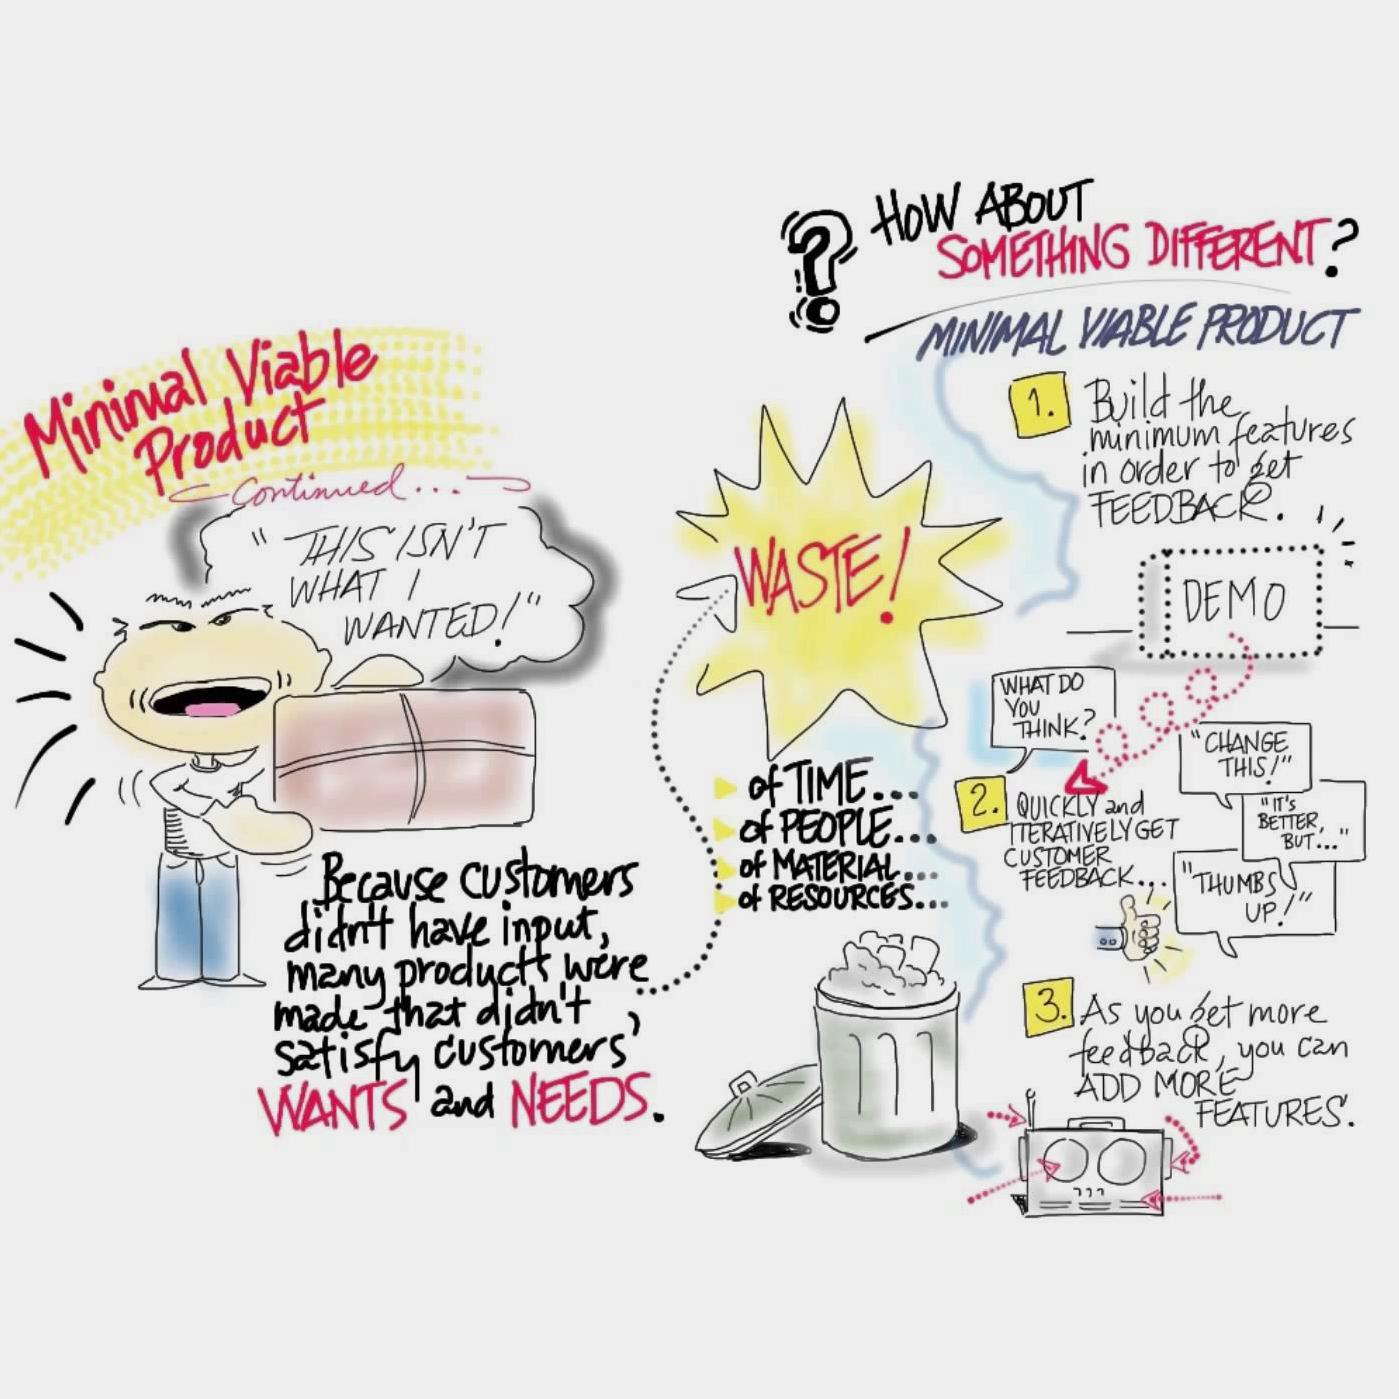 La importancia de la gestión de ideas para el éxito empresarial (1 de 5)